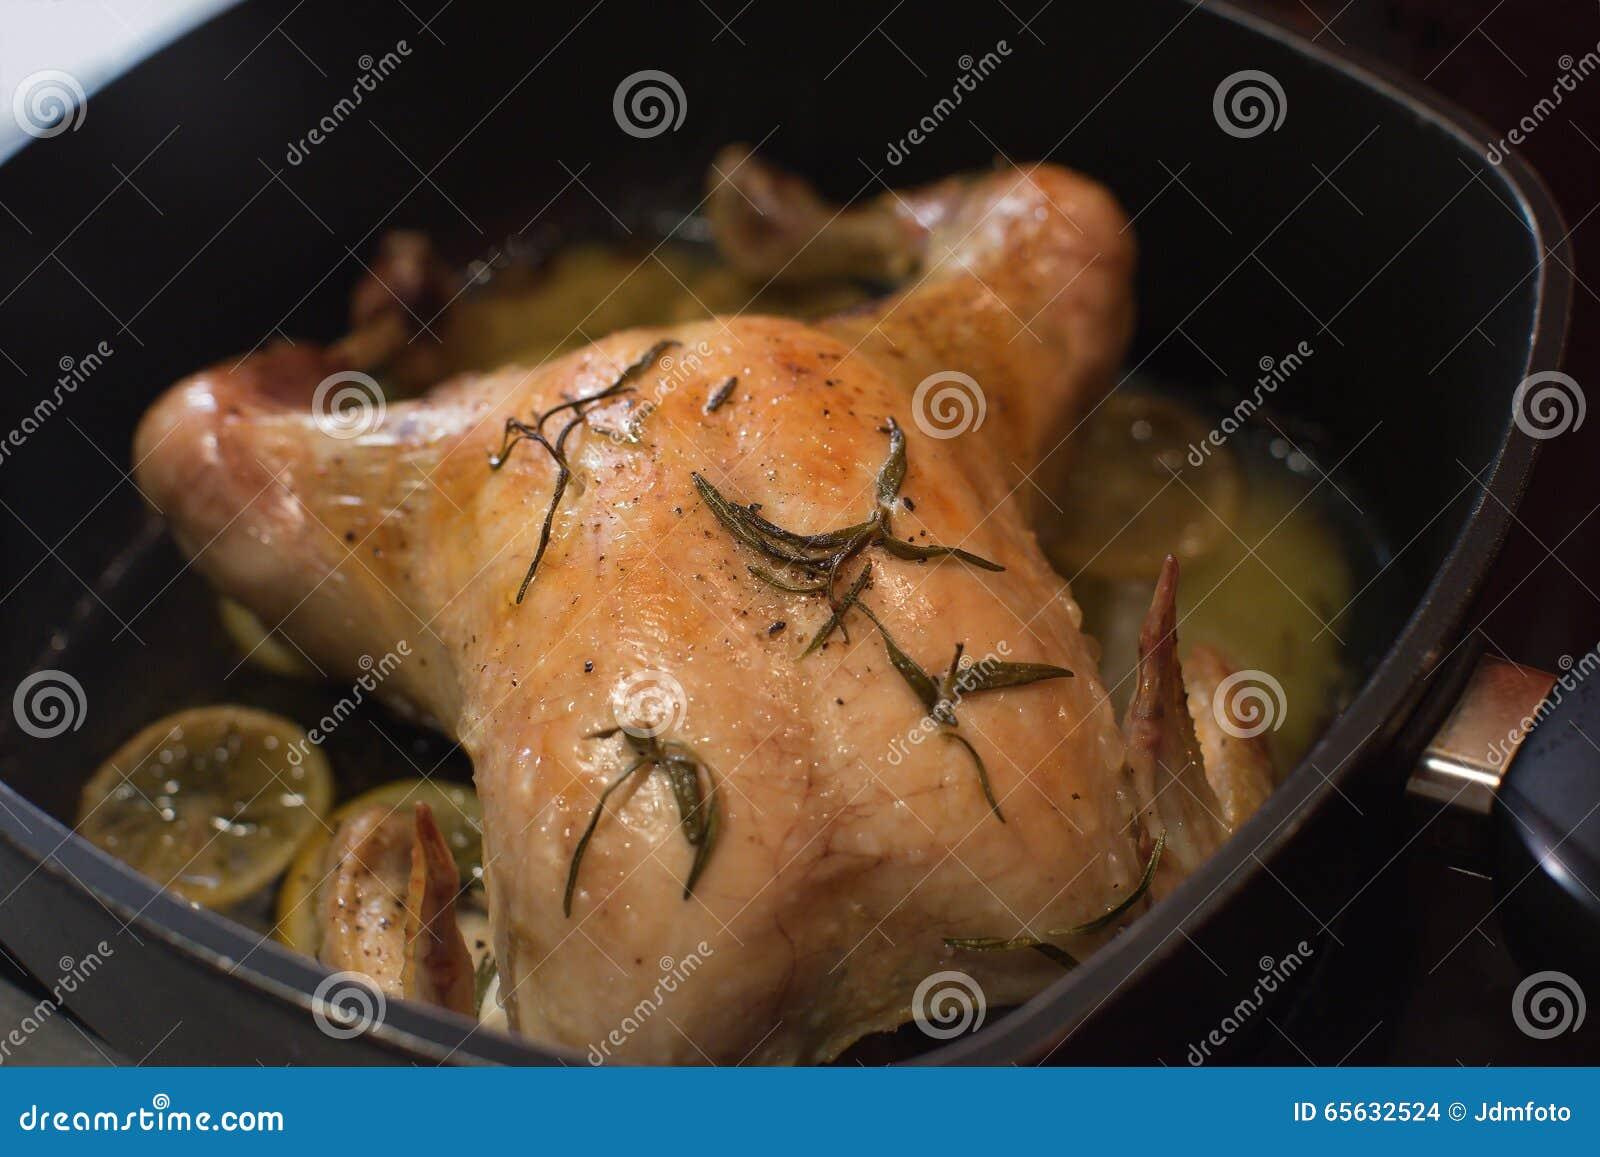 Fin rôtie de poulet entier dans la casserole de torréfaction avec des herbes de romarin, salées et se trouvantes sur les tranches